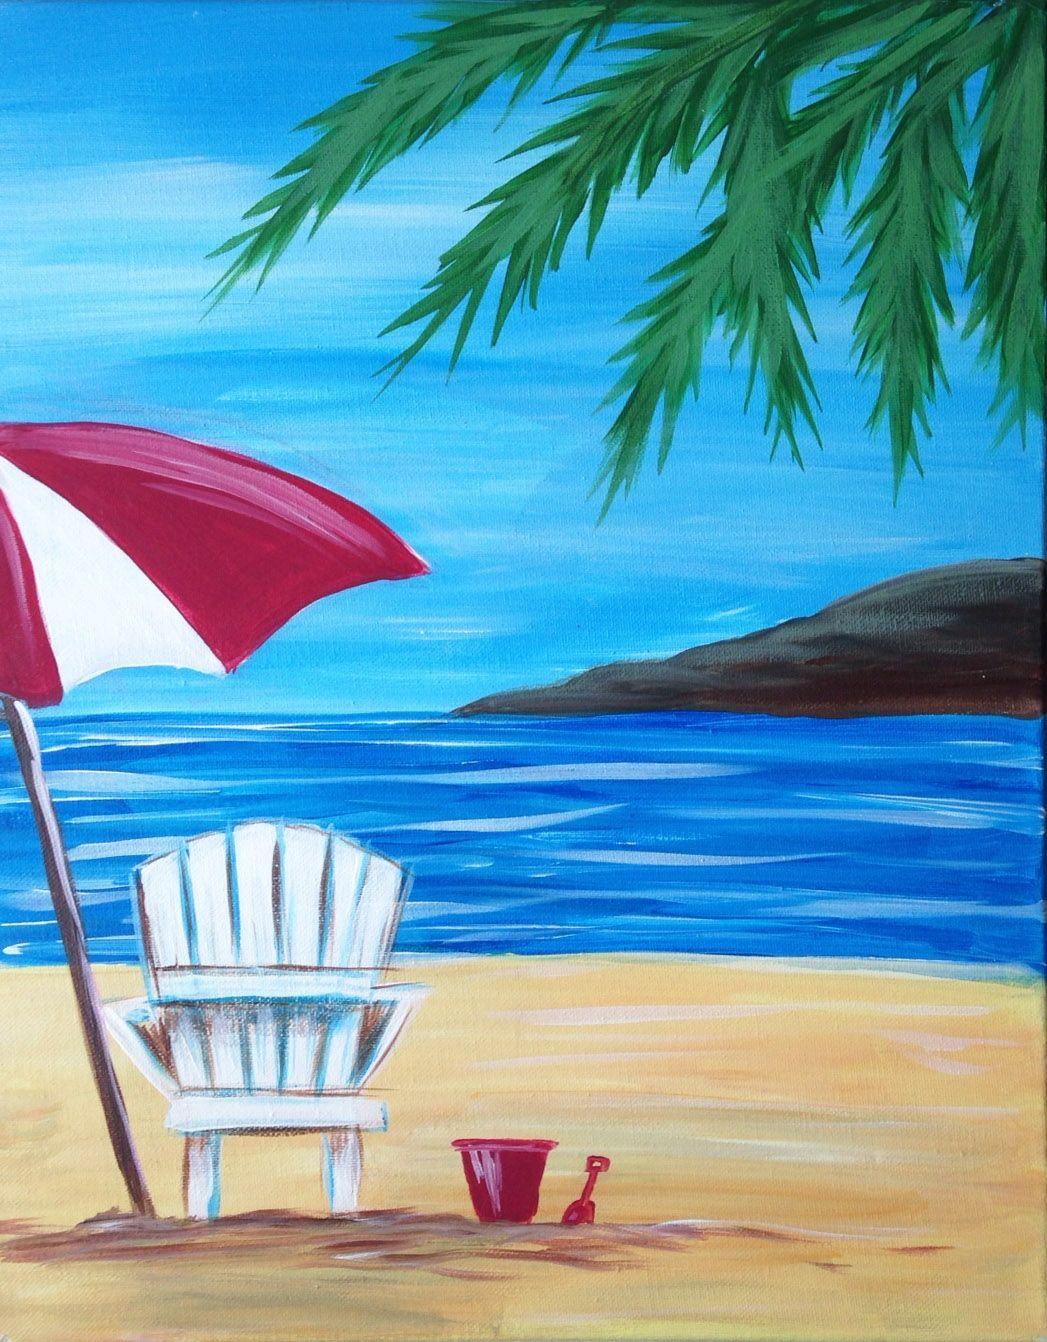 Beach Chair Painting Alan Metzger Regarding Beach Chair And Umbrella Painting Beach Chair And Umbrella Paintin Painting Summer Painting Beach Canvas Paintings